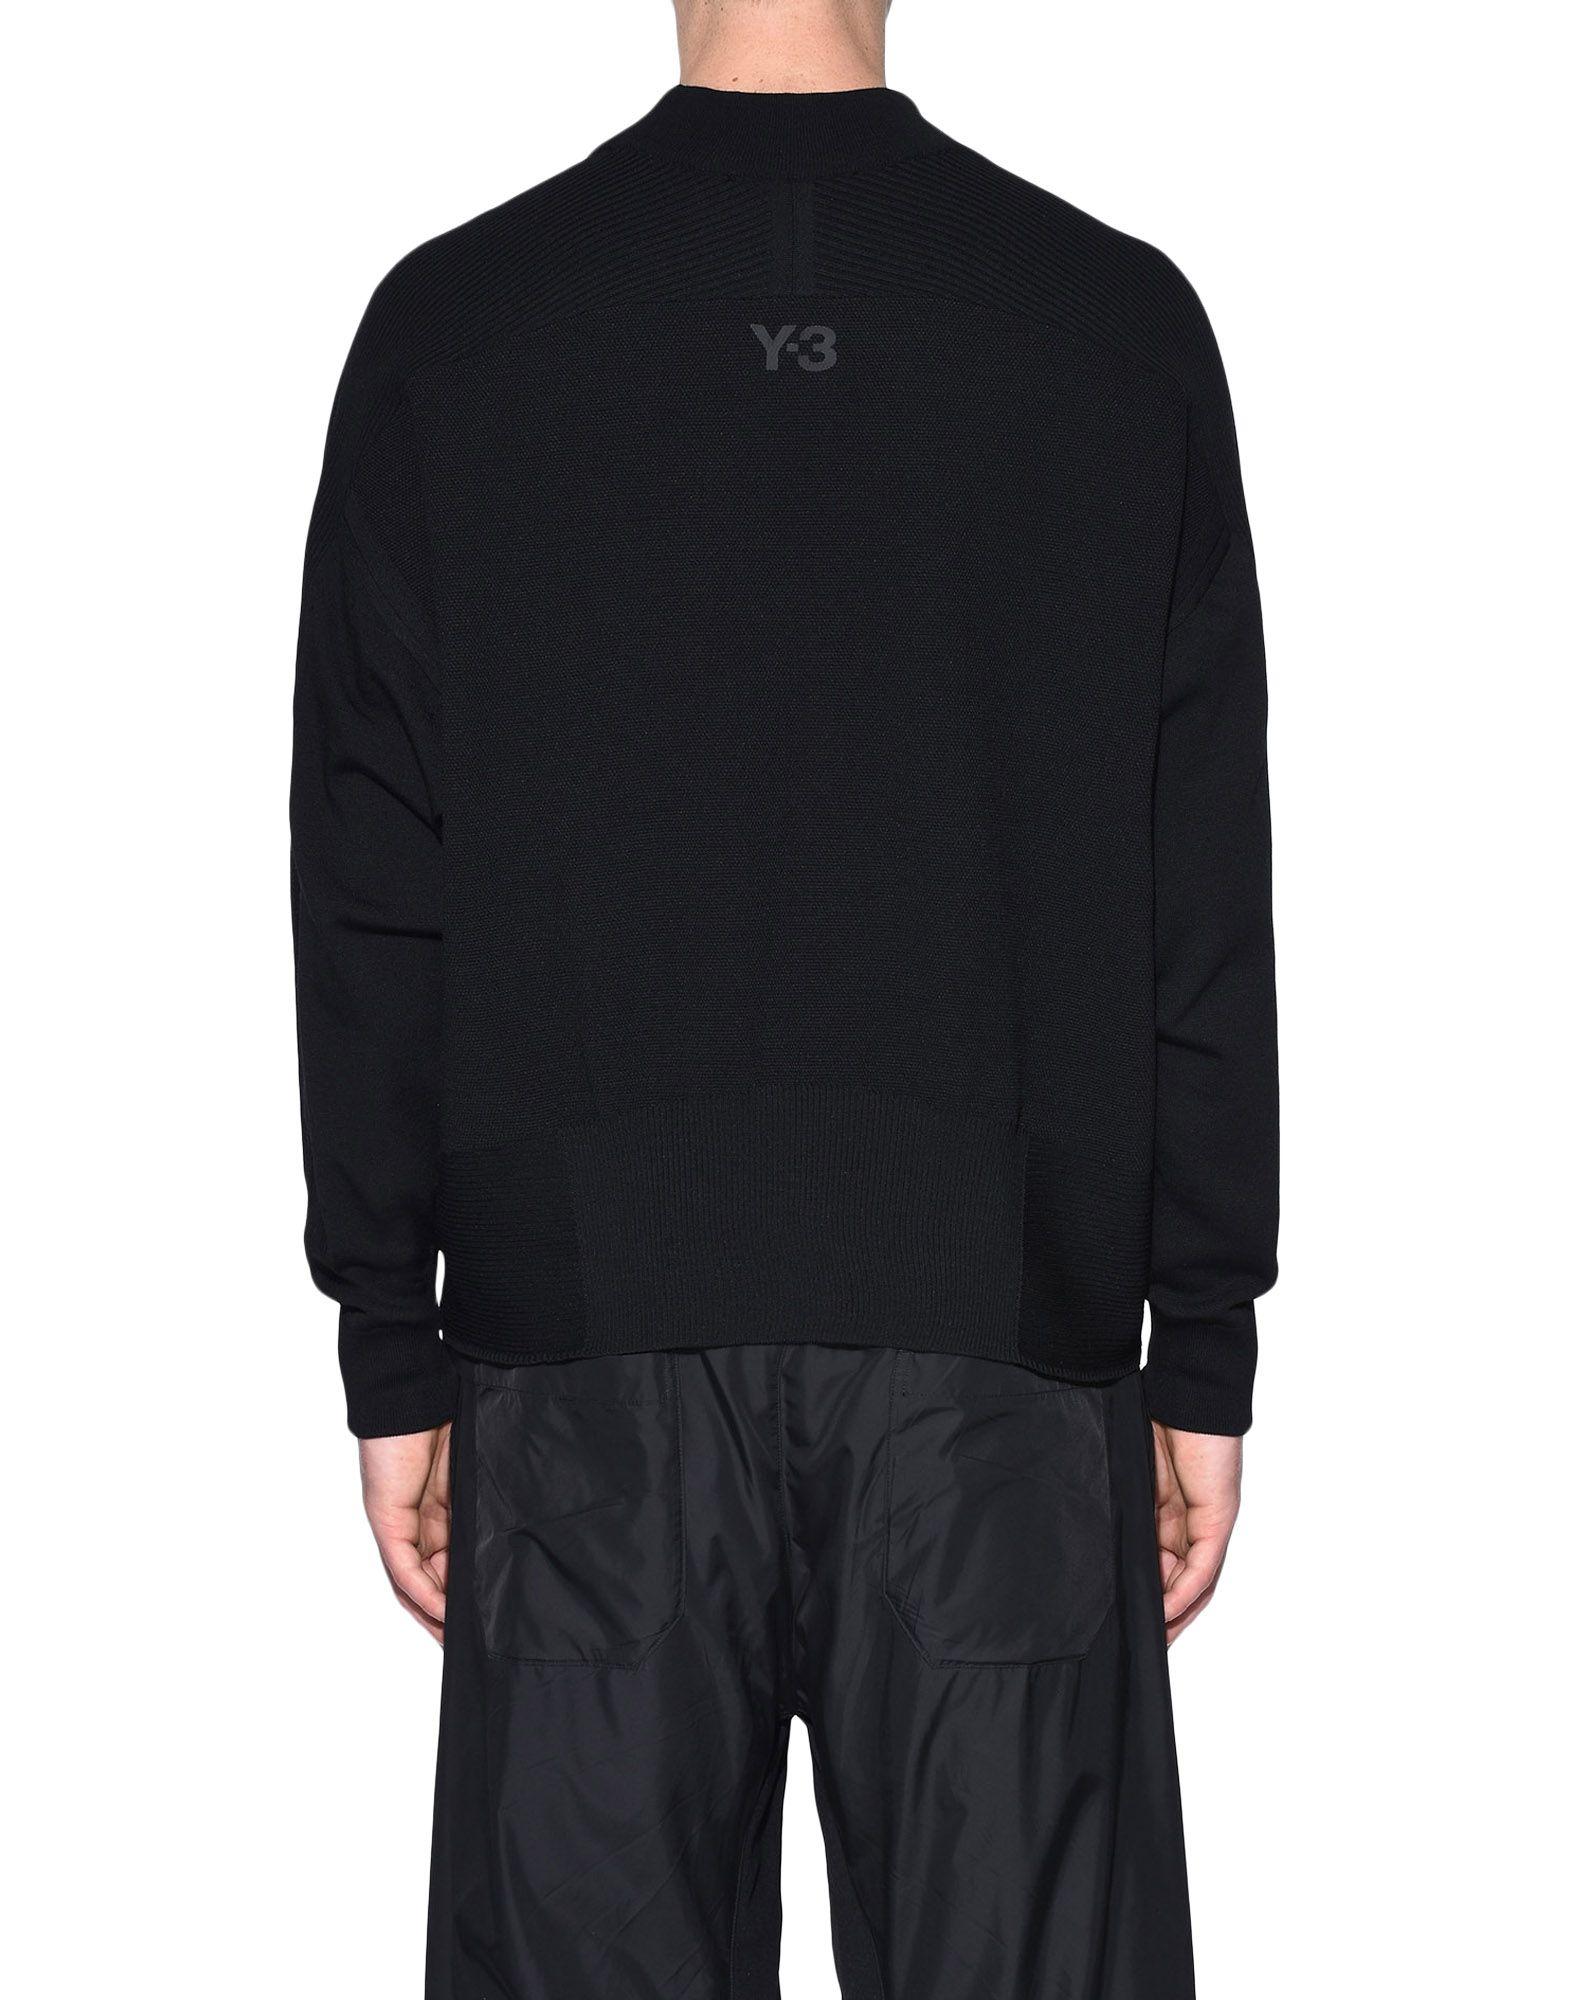 Y-3 Y-3 Tech Wool Sweater Langarmpulli Herren d